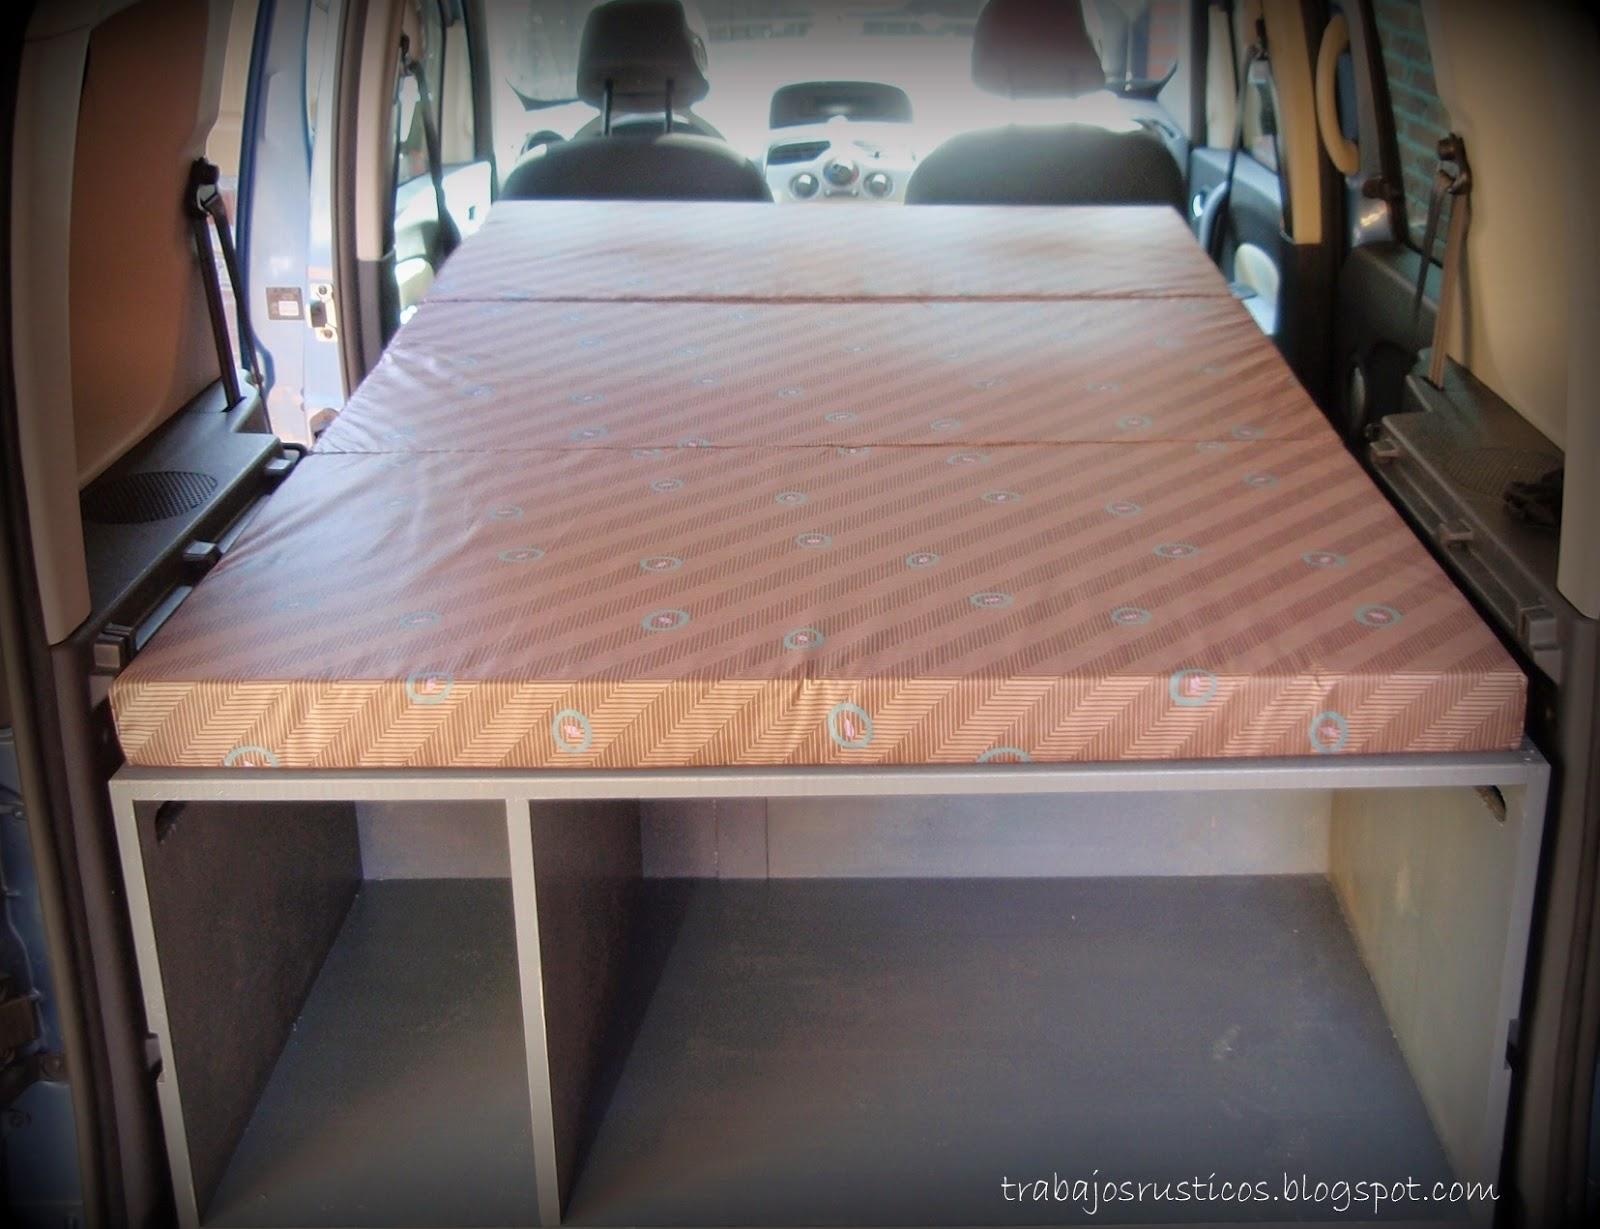 En este caso, la cama tiene 180 cm pero todavía se podría ampliar